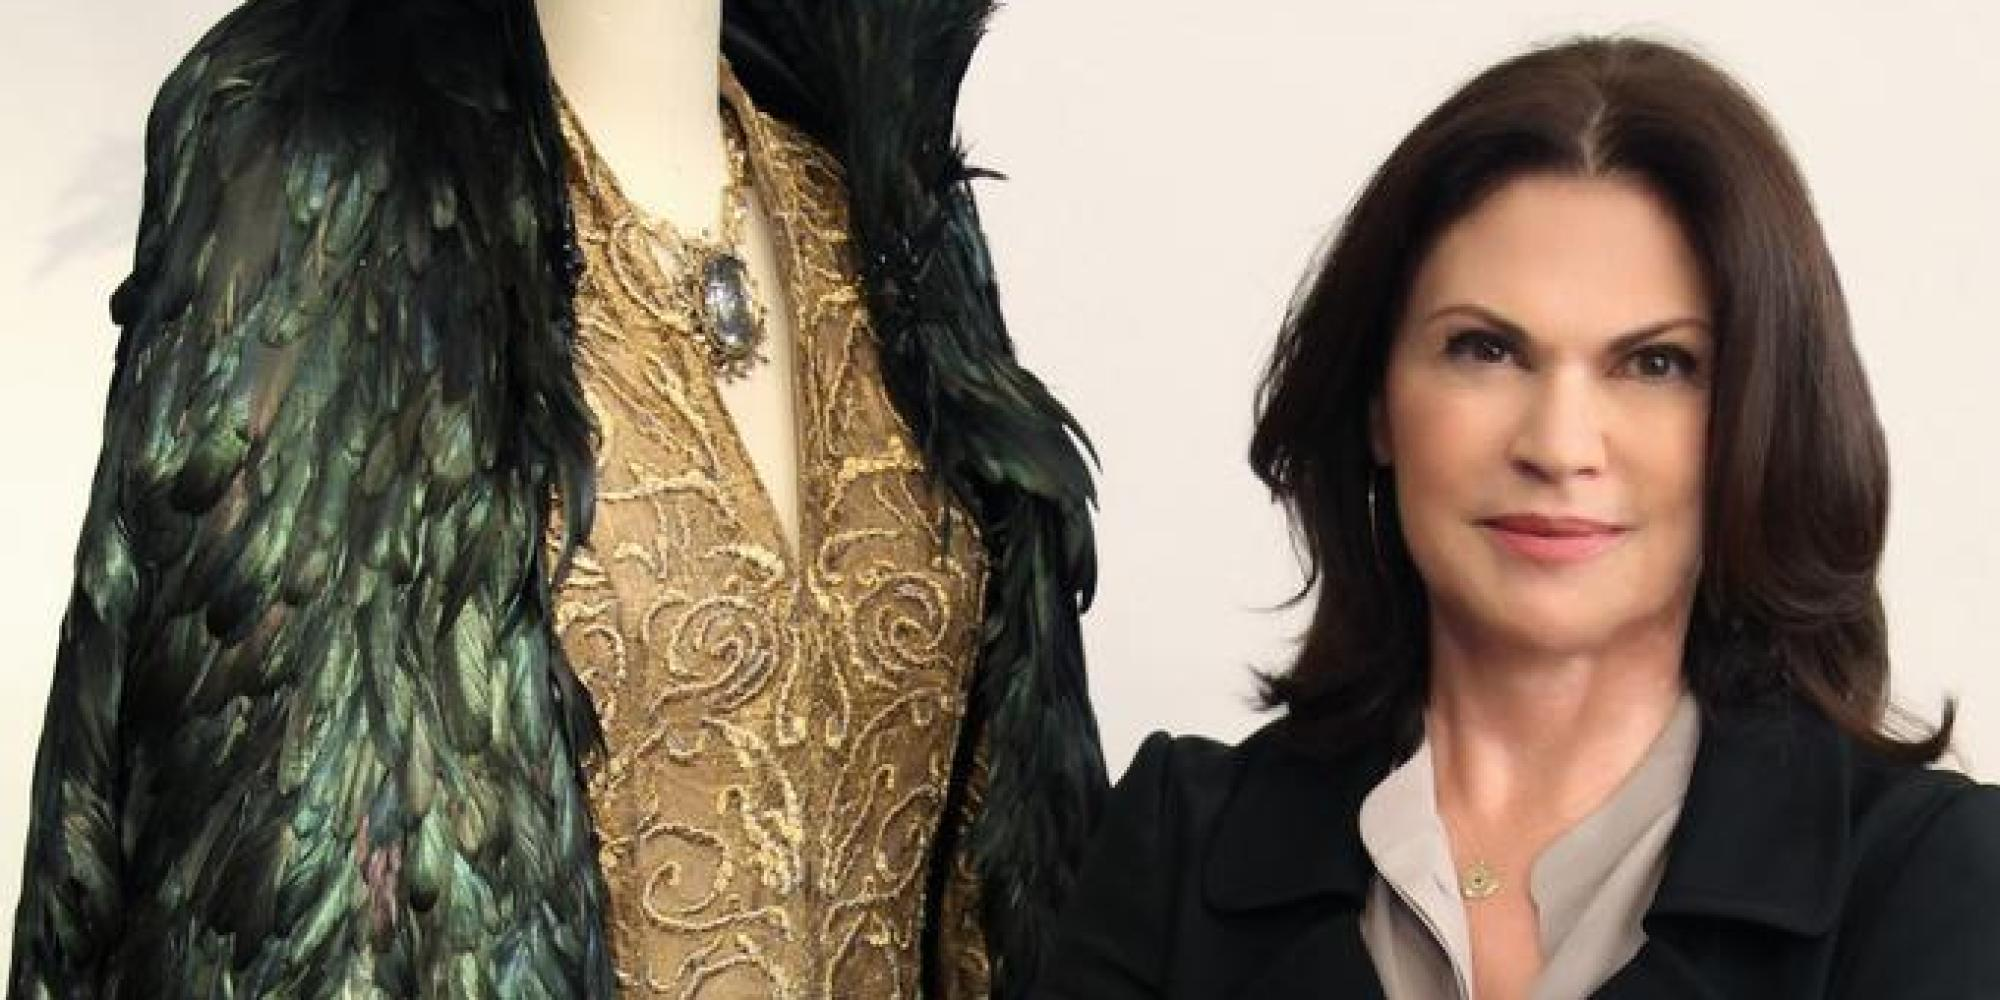 Jennifer lopez interview see thru - 3 part 9